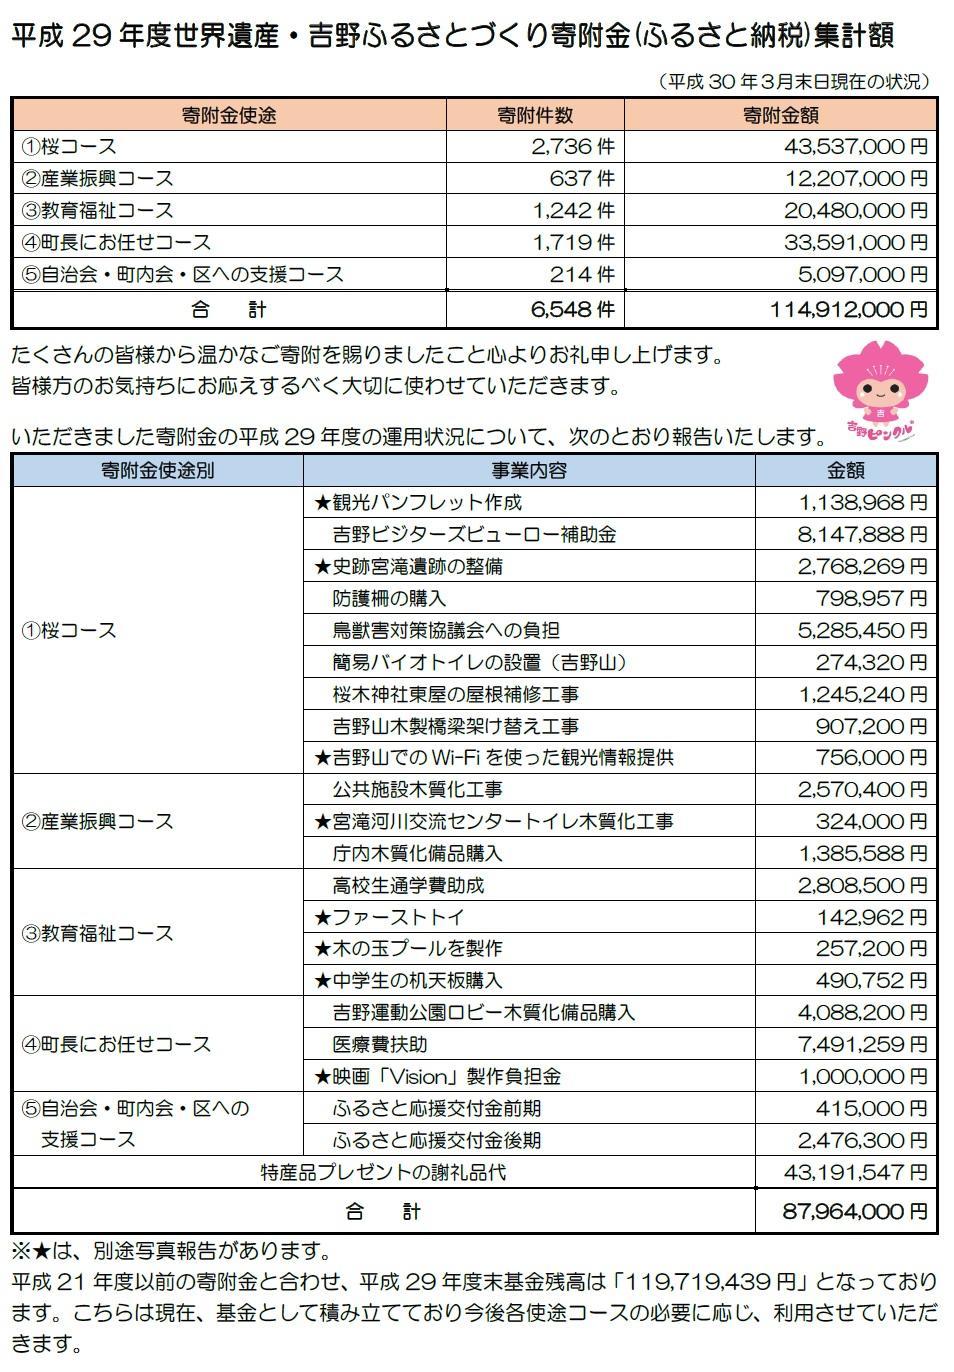 平成29年度寄附金活用報告1.jpg